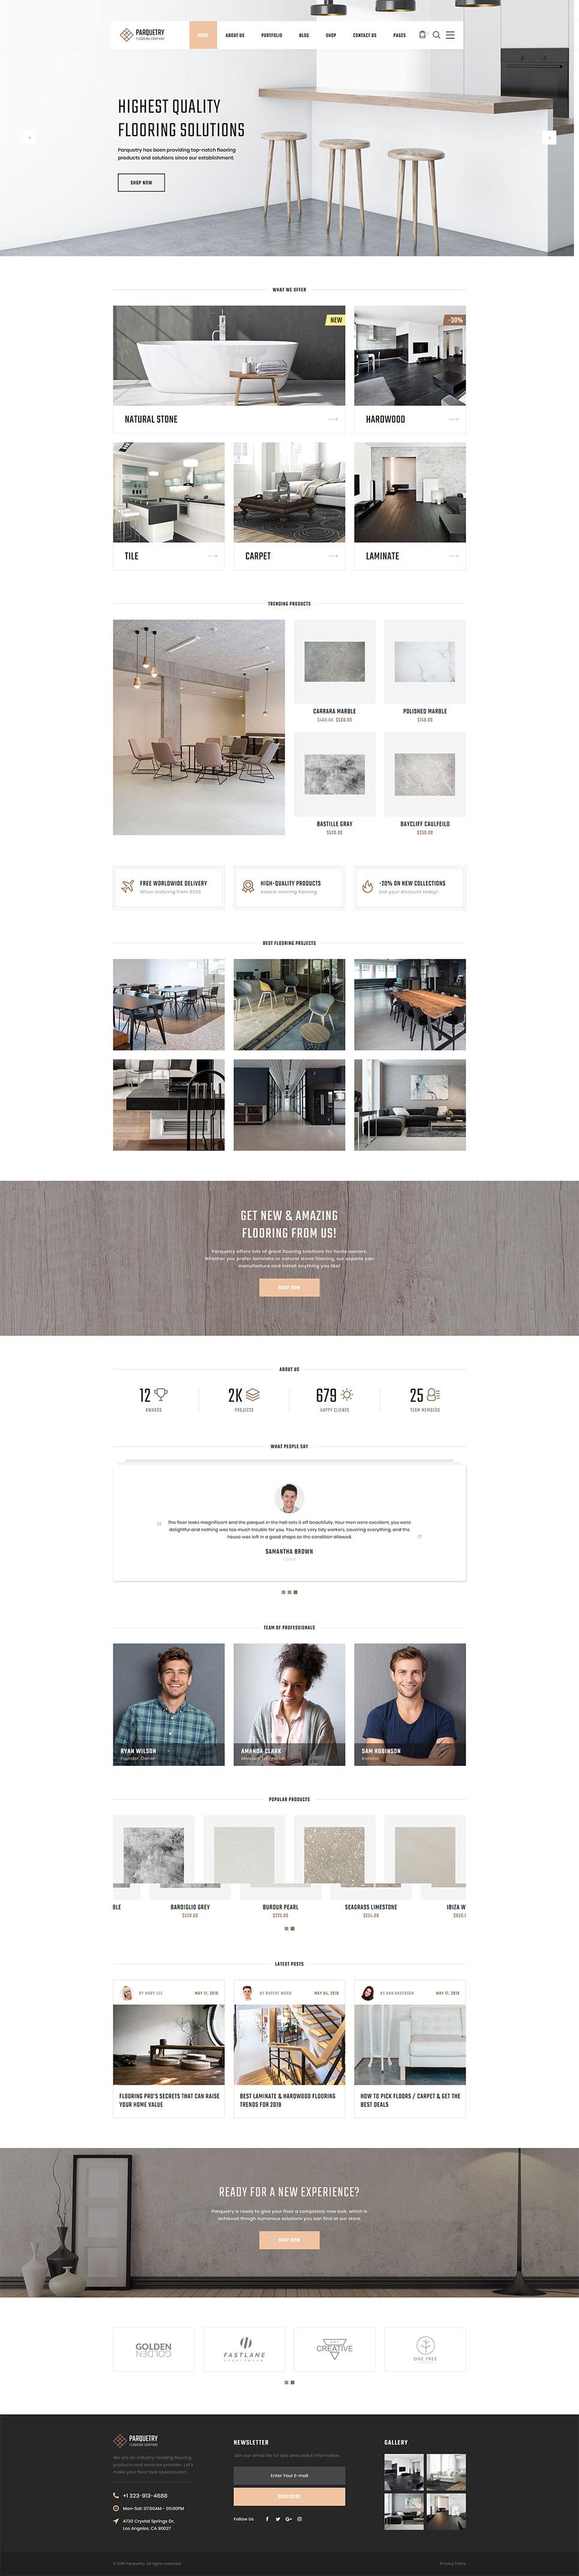 Modello siti web per un sito di arredamento - Siti design arredamento ...